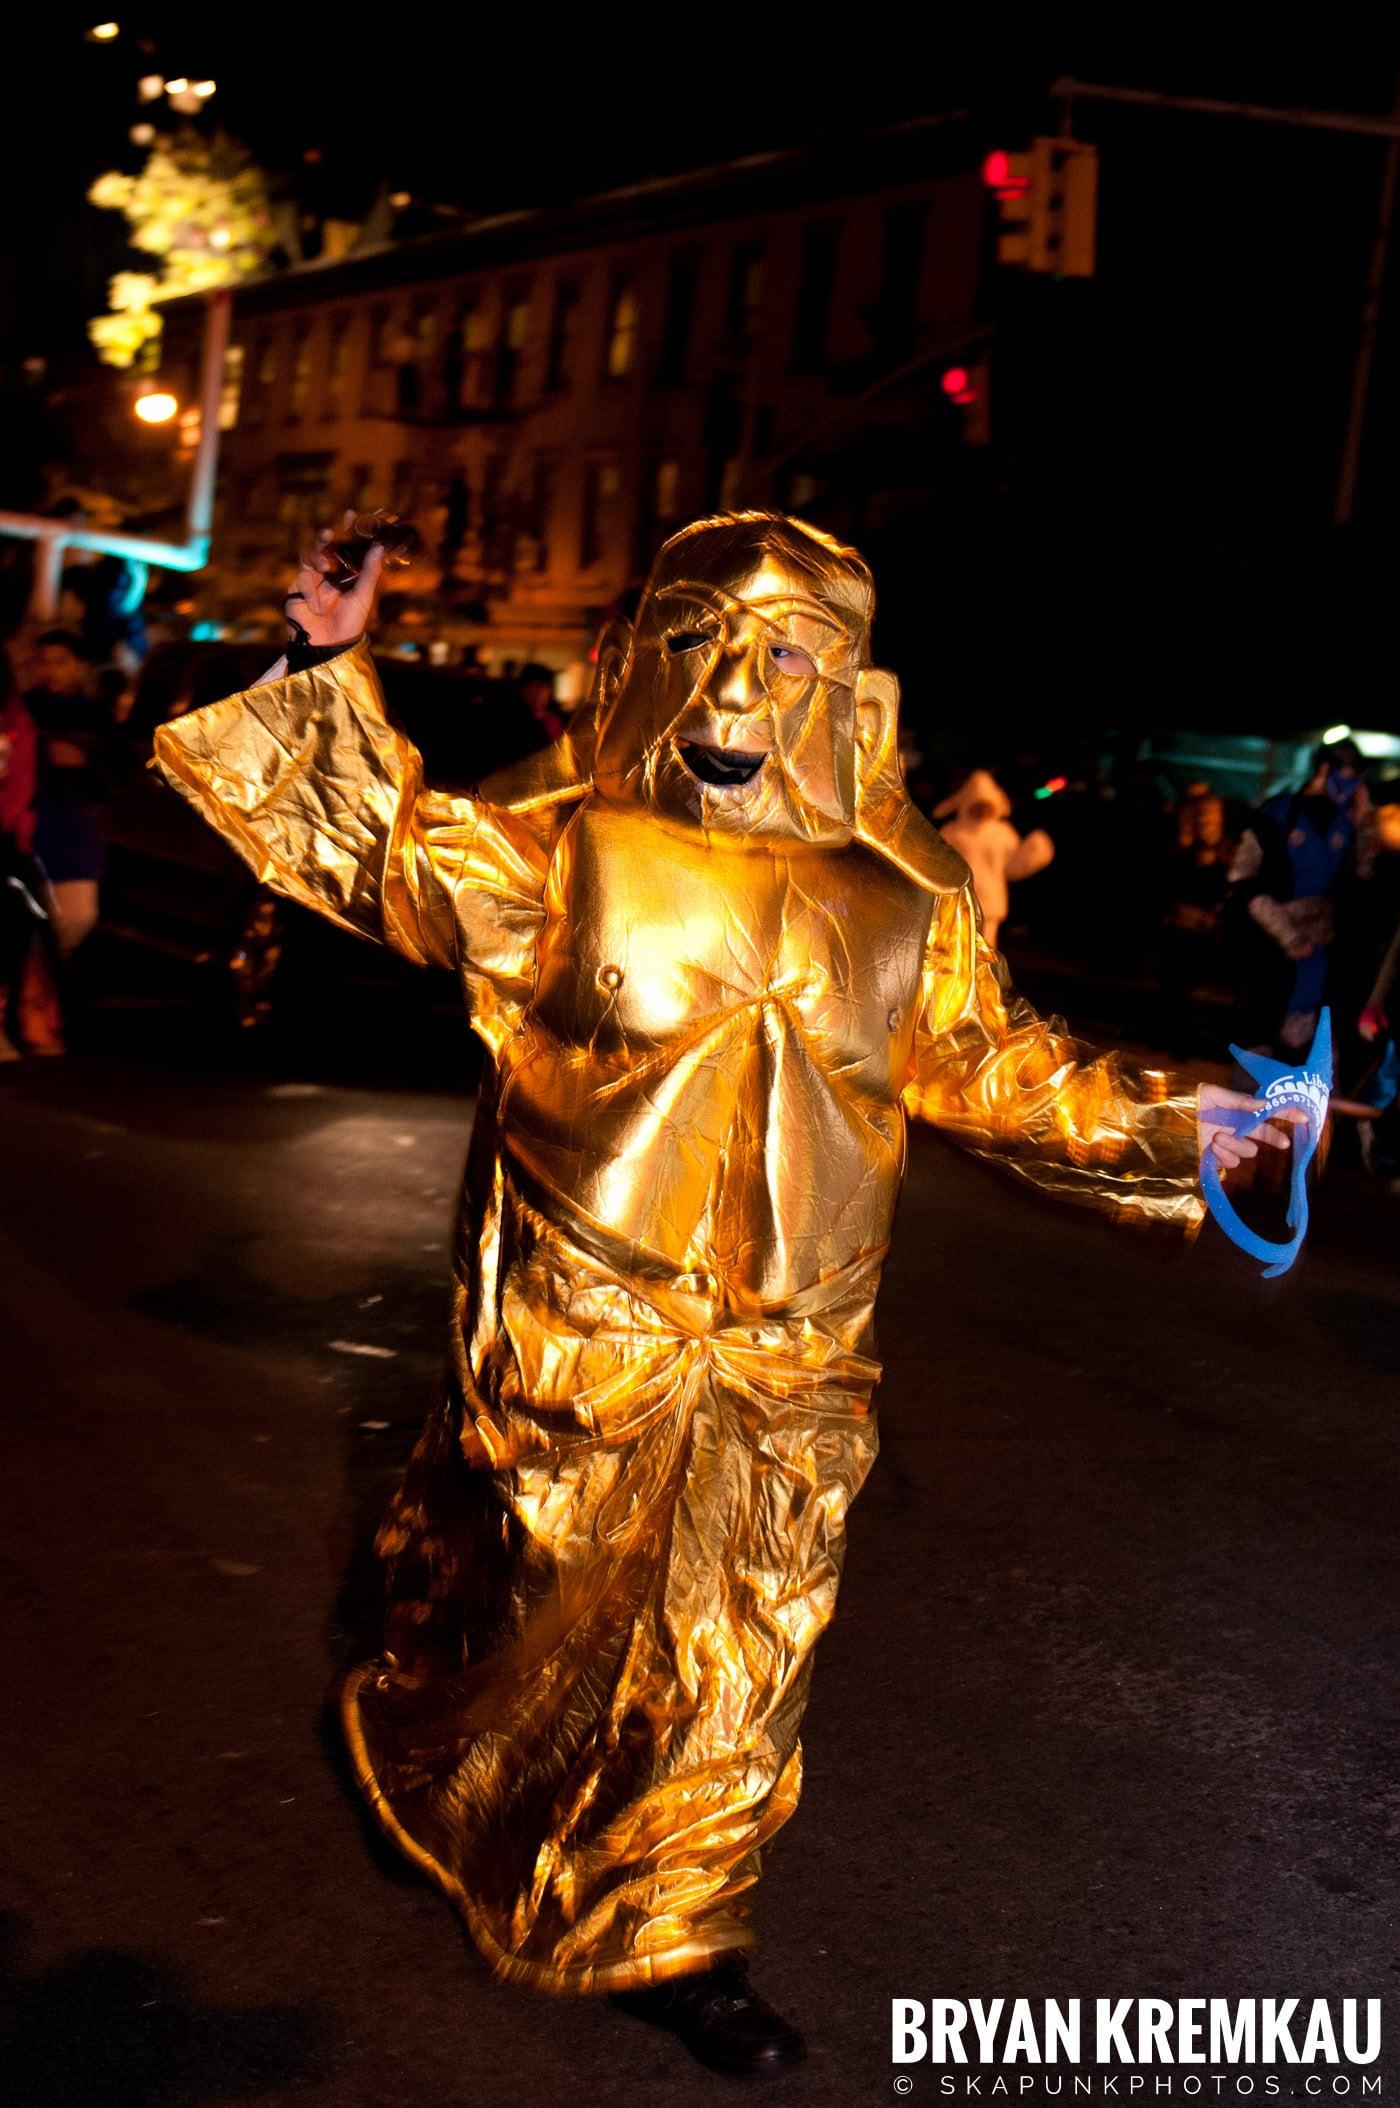 NYC Halloween Parade 2011 @ New York, NY - 10.31.11 (43)